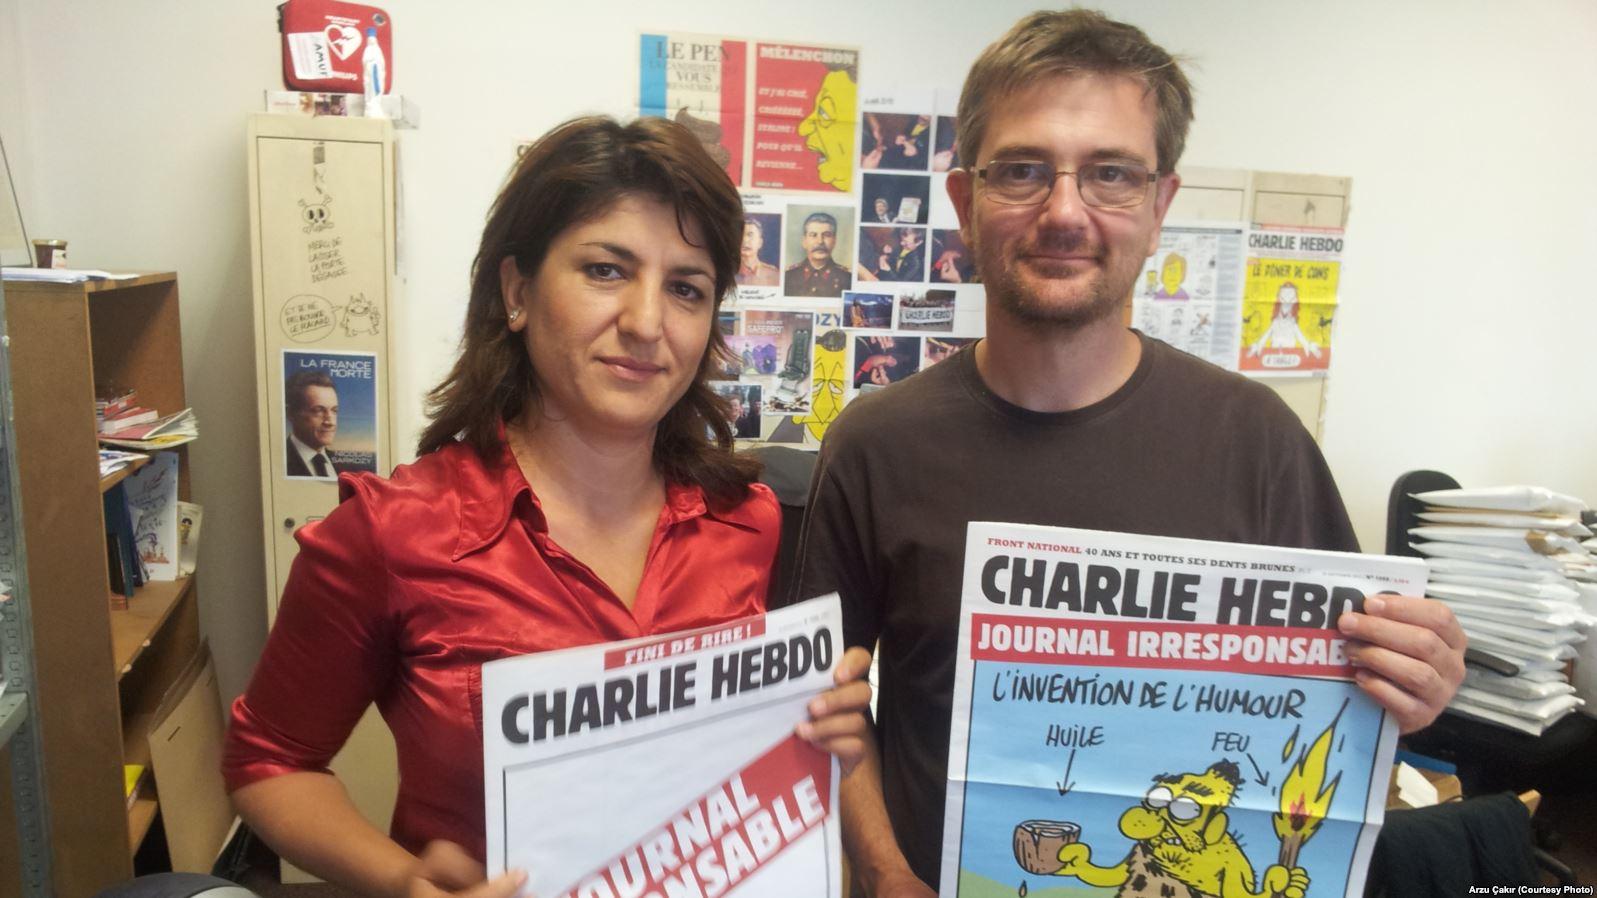 Charlie Hebdo wiederveröffentlicht Mohammed-Karikaturen